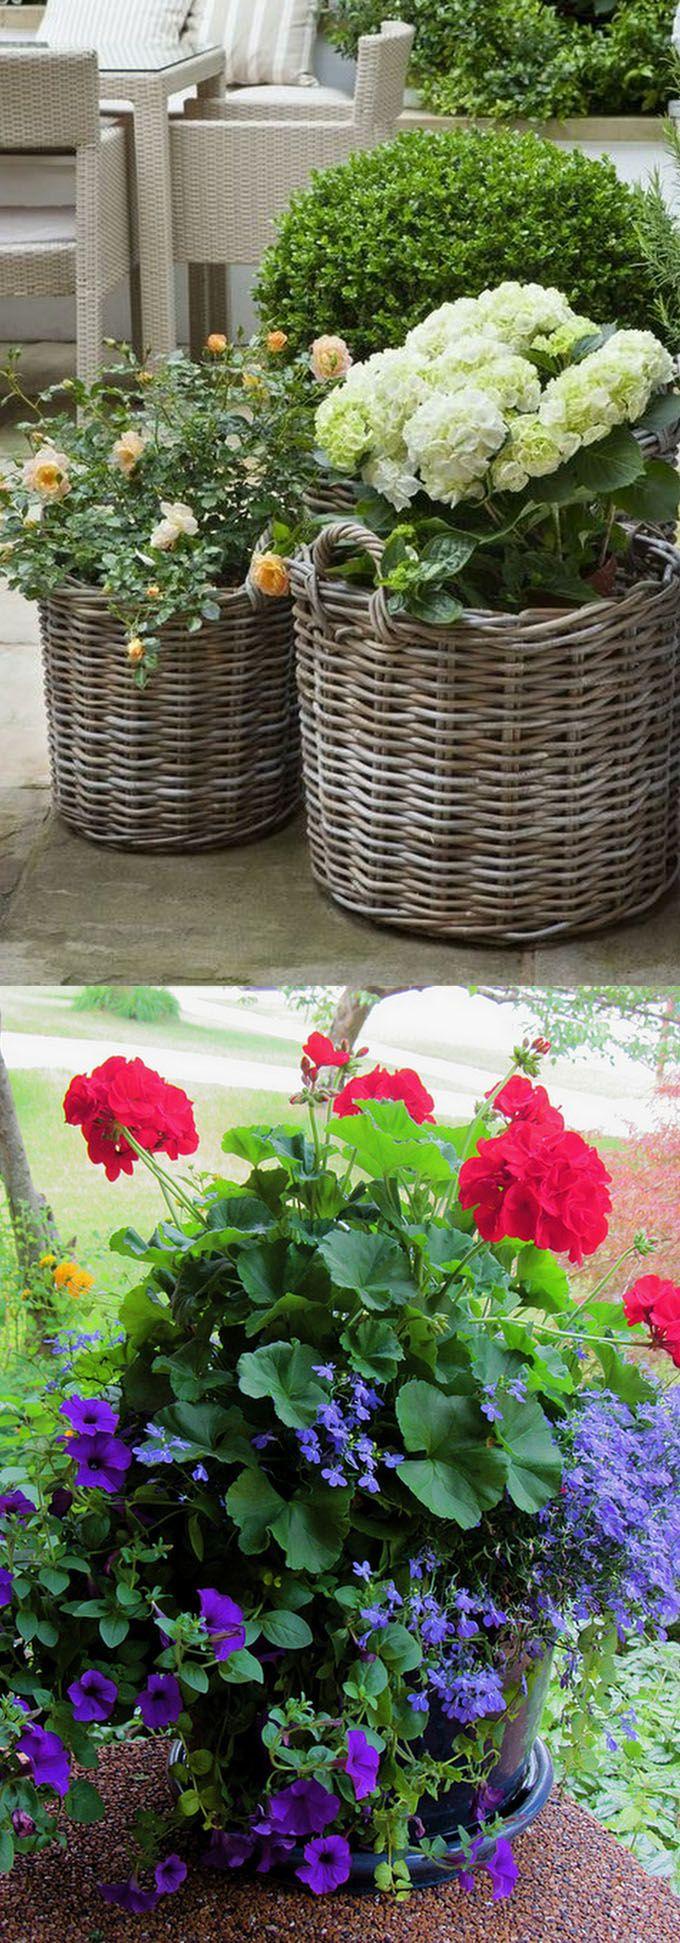 Best 25+ Rose garden design ideas on Pinterest | Beautiful gardens ...